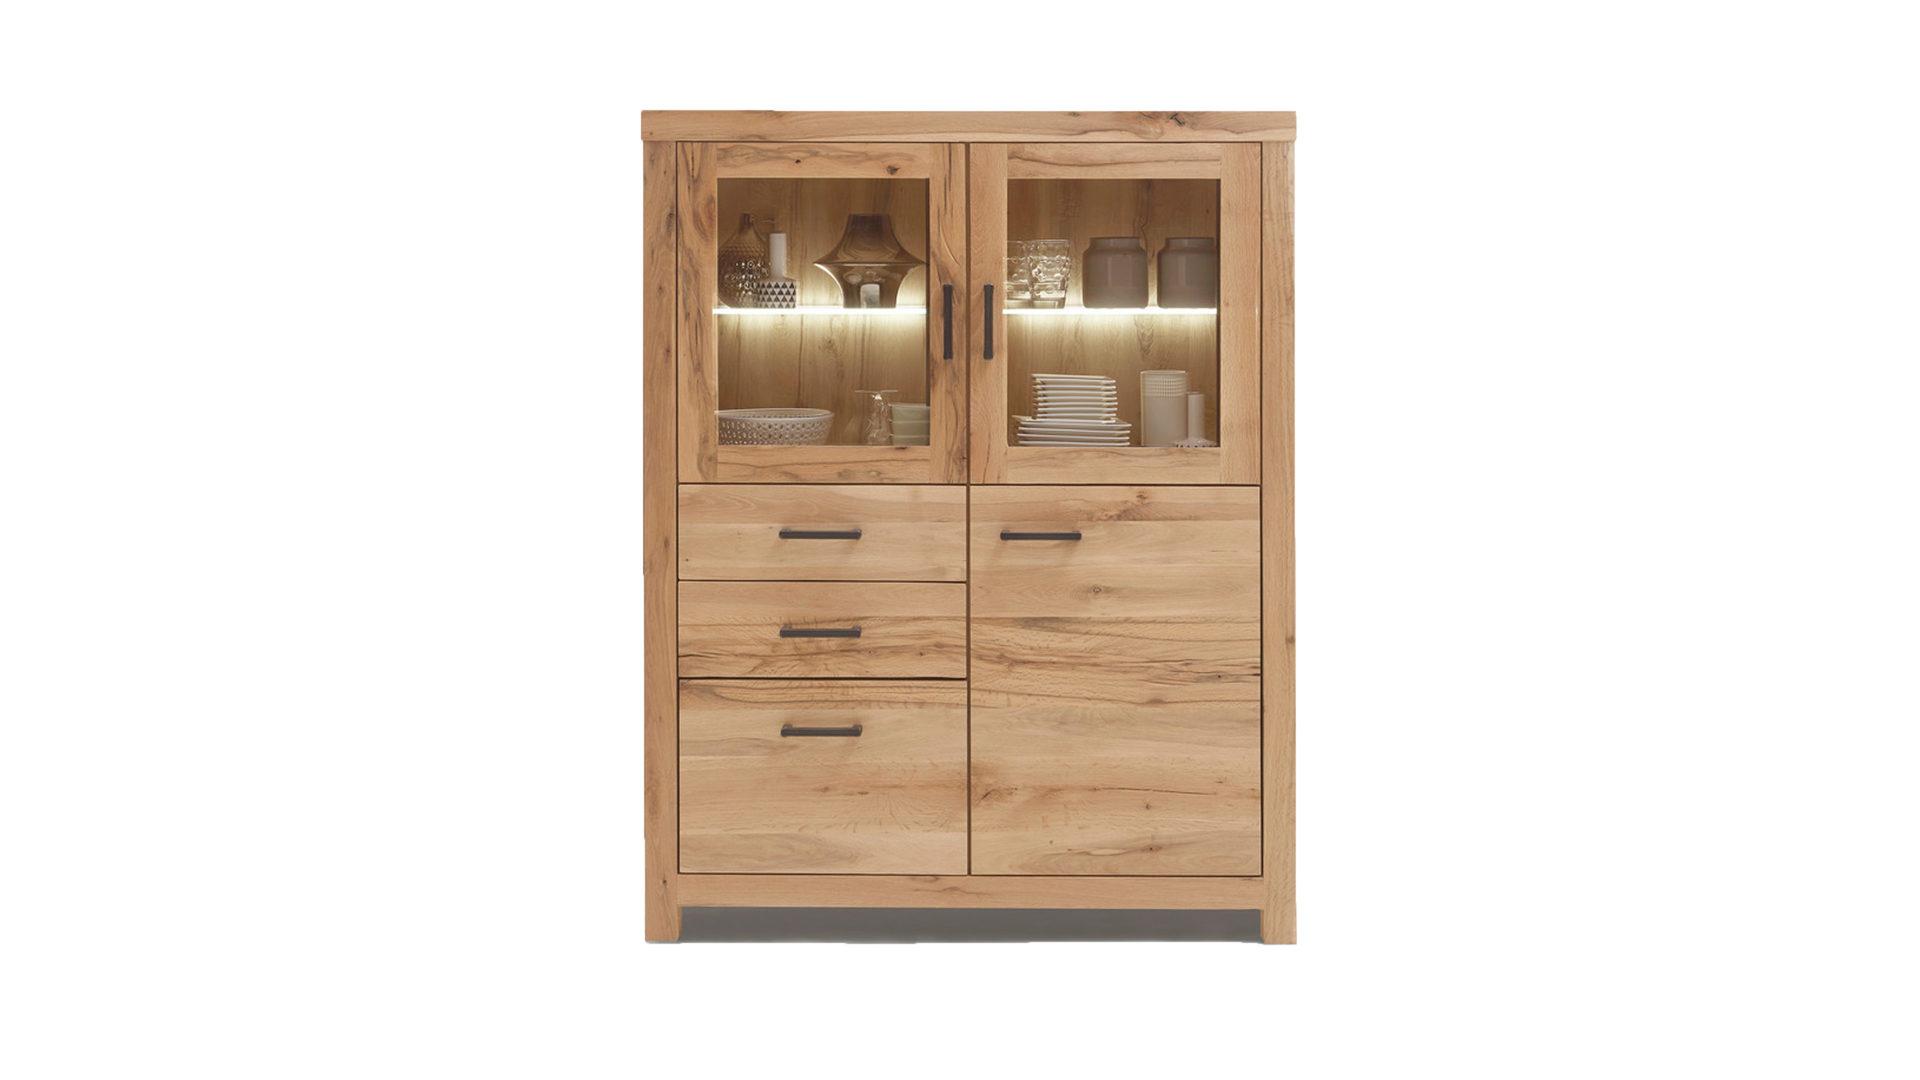 Hertel möbel gesees räume wohnzimmer kommoden sideboards woods trends highboard strukturgehobelte balkeneiche mit wachseffekt ca